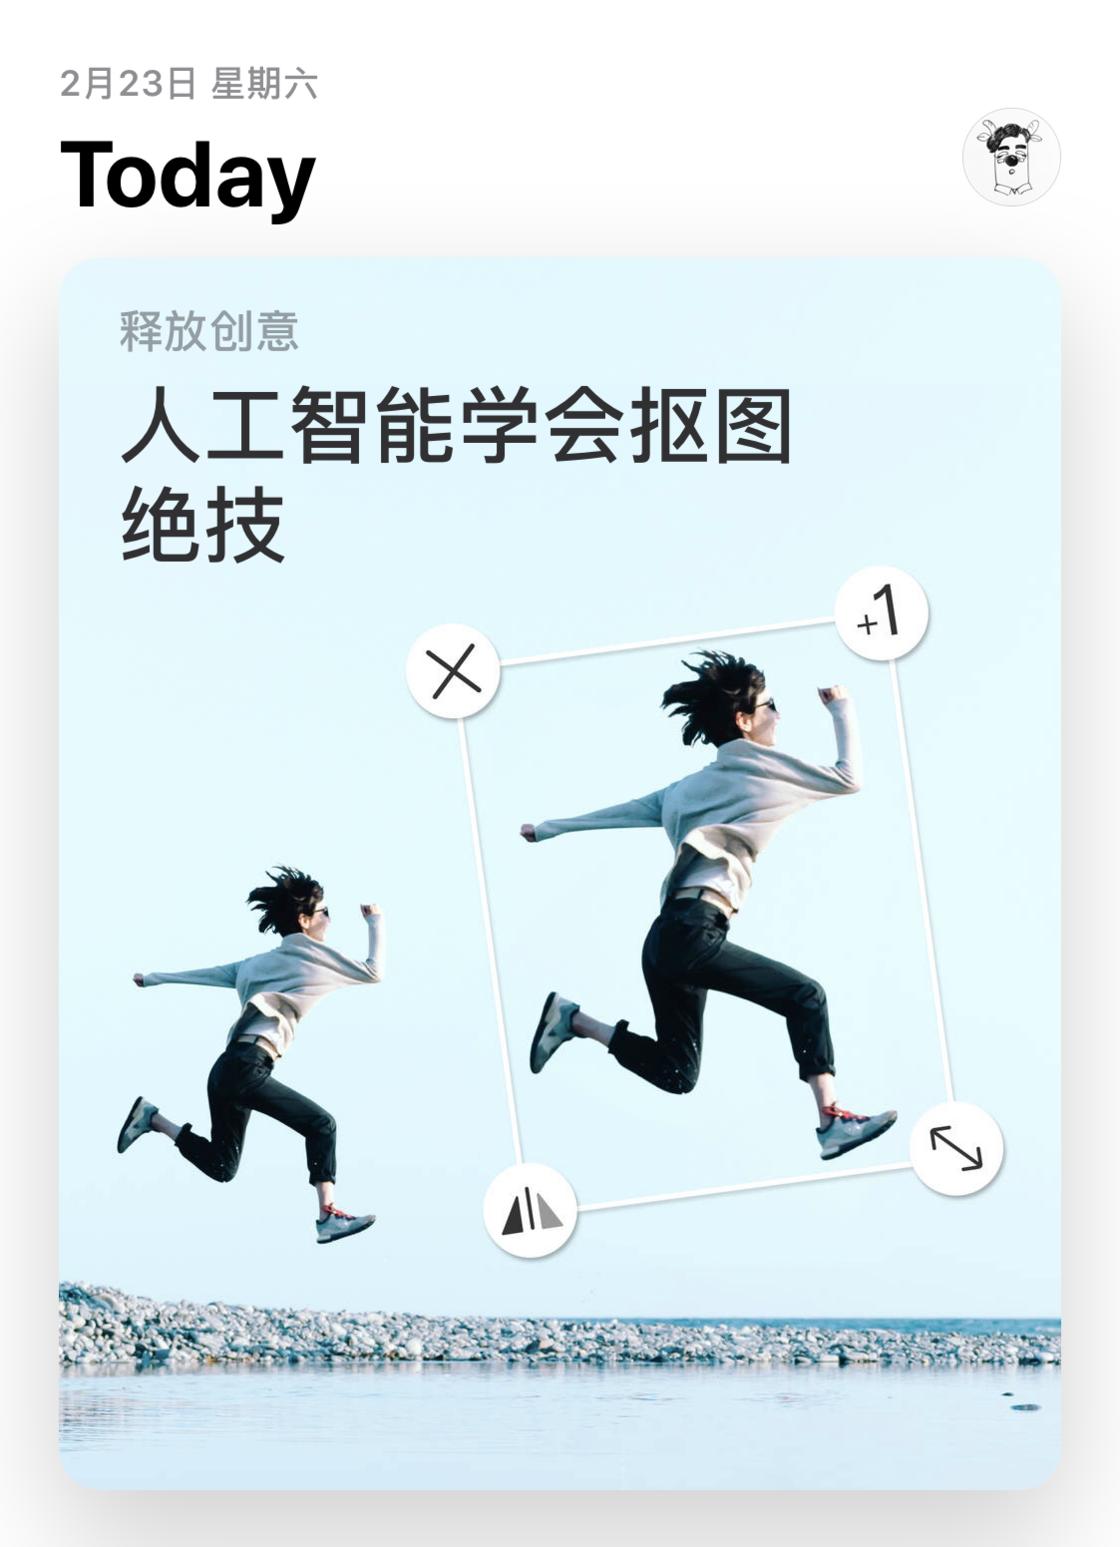 如何 iPhone 上快速抠图?「马卡龙玩图」如何一键修图?